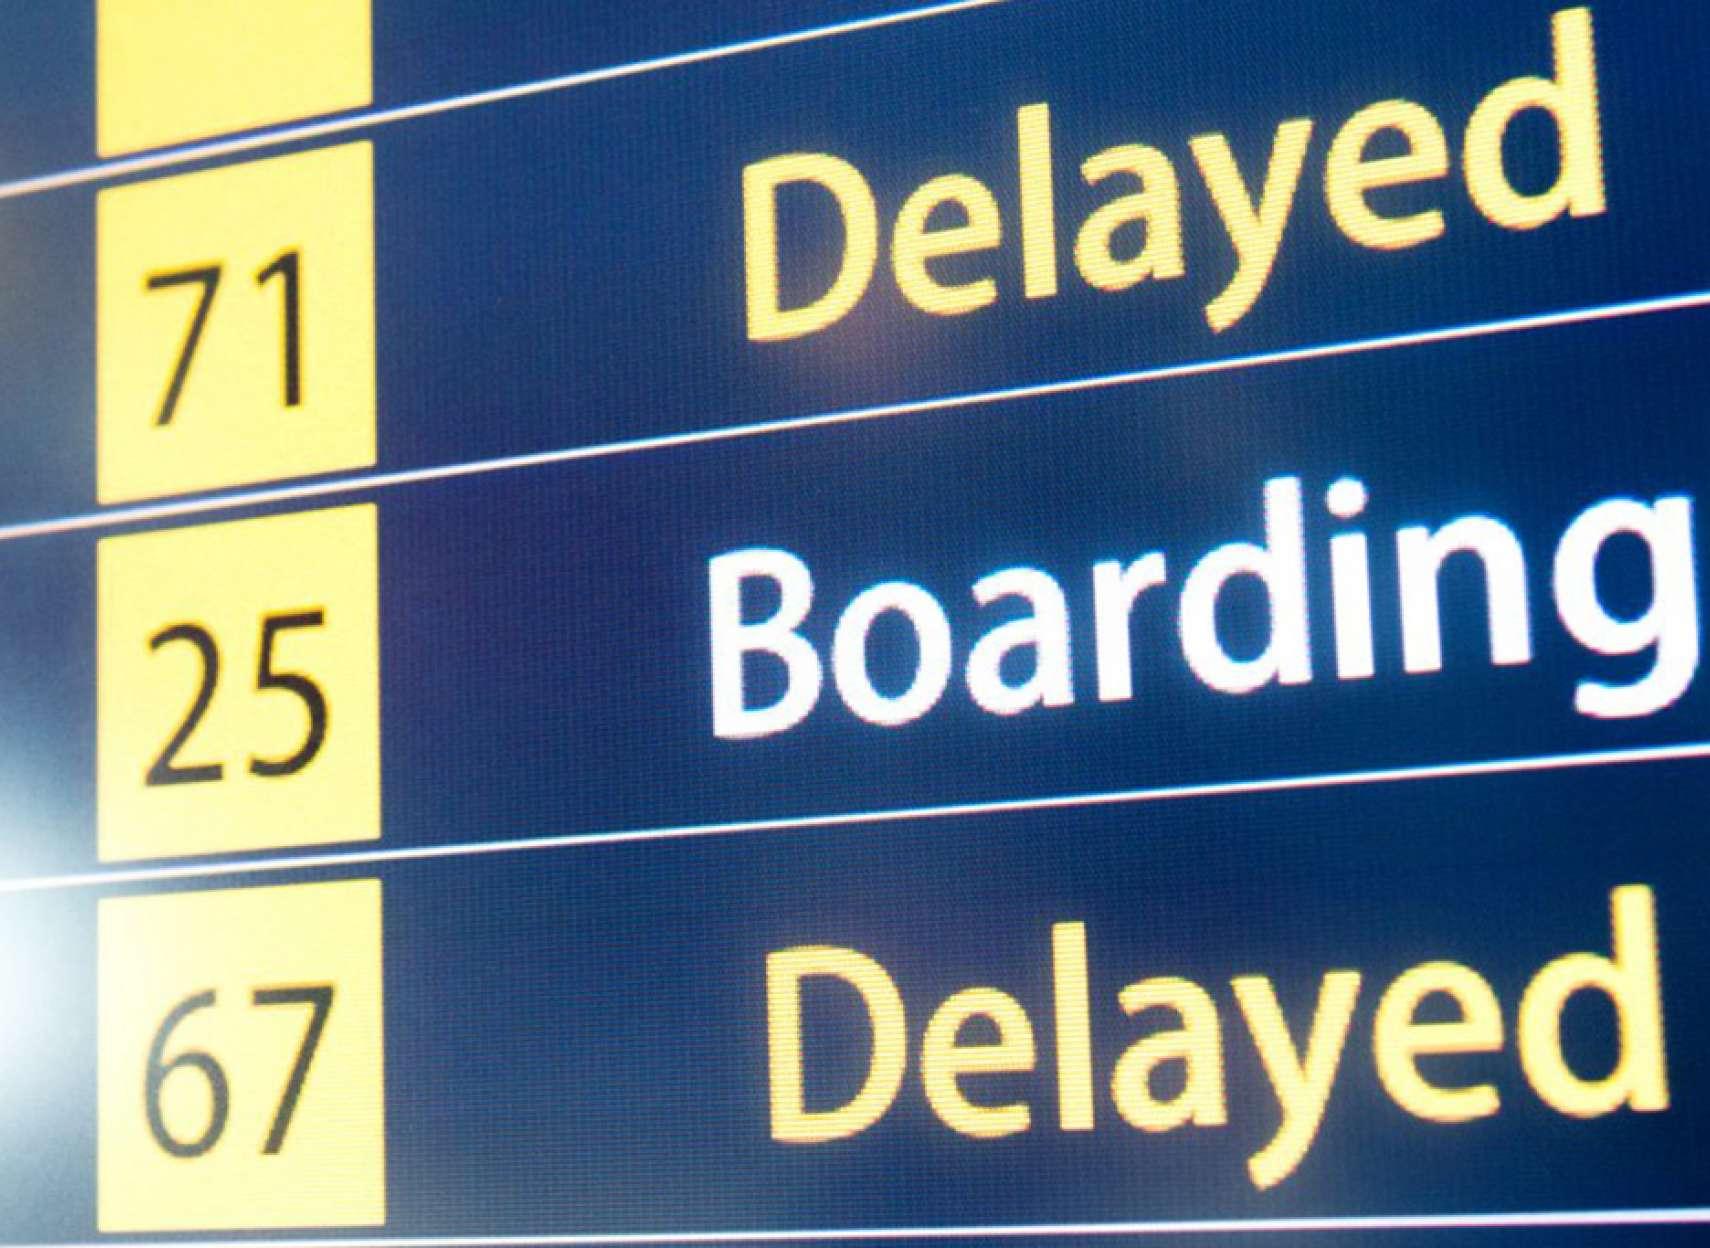 اخبار-کانادا-خطوط-هوایی-کانادا-جزو-بدترینها-در-تاخیر-شدند